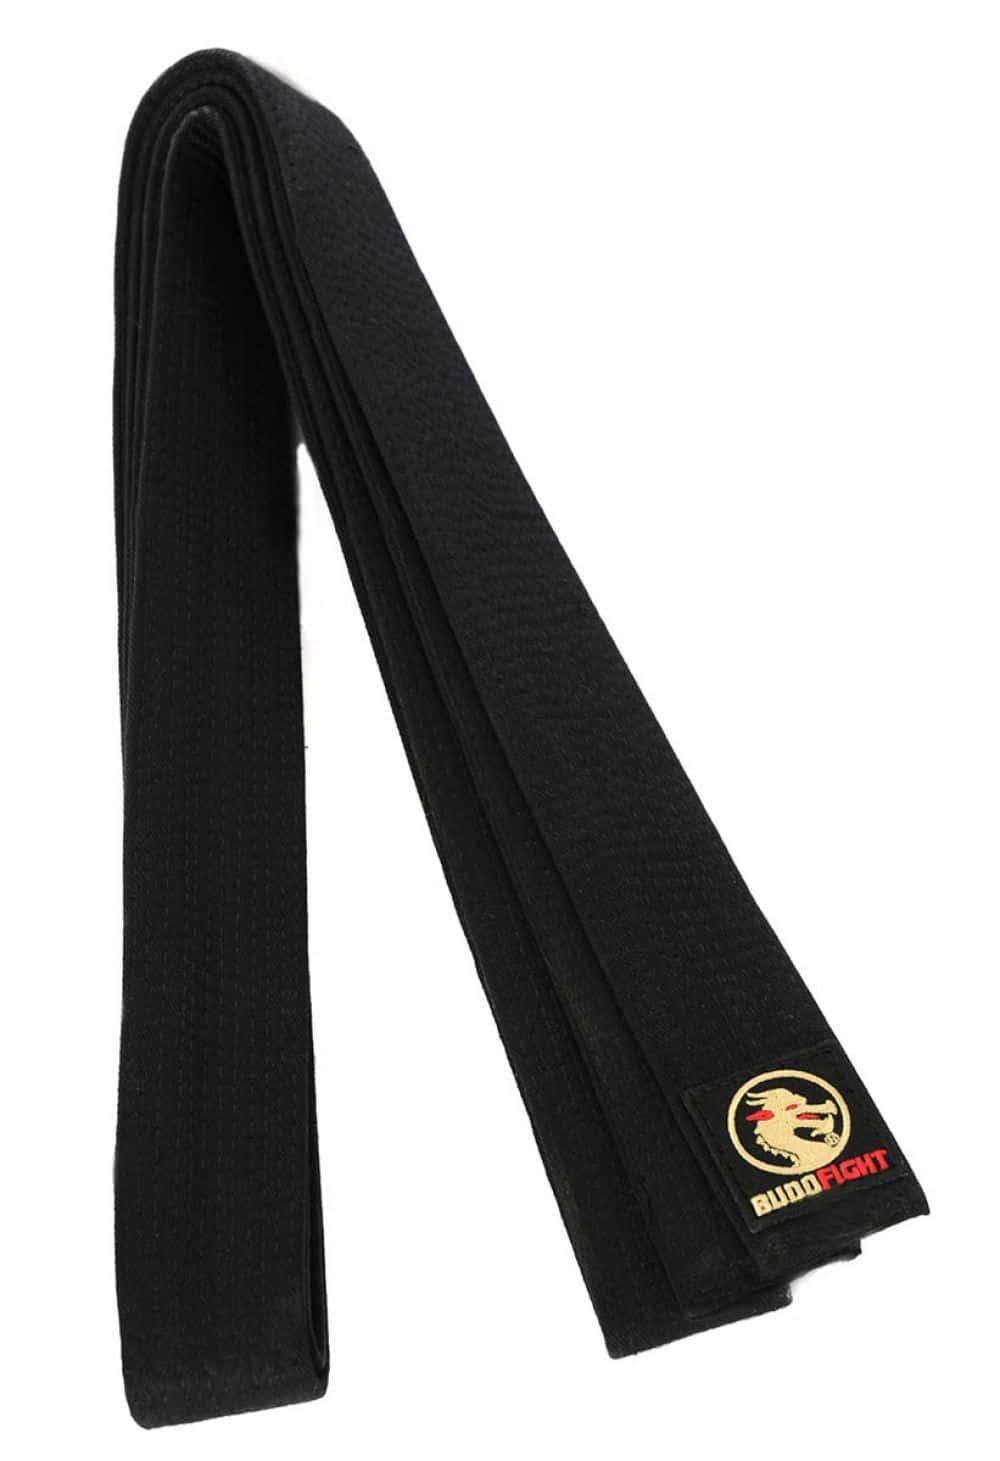 2d8d3bbceb1f Ceinture noire de Karate BUDO-FIGHT Coton piqué   En vente sur Karate-gi